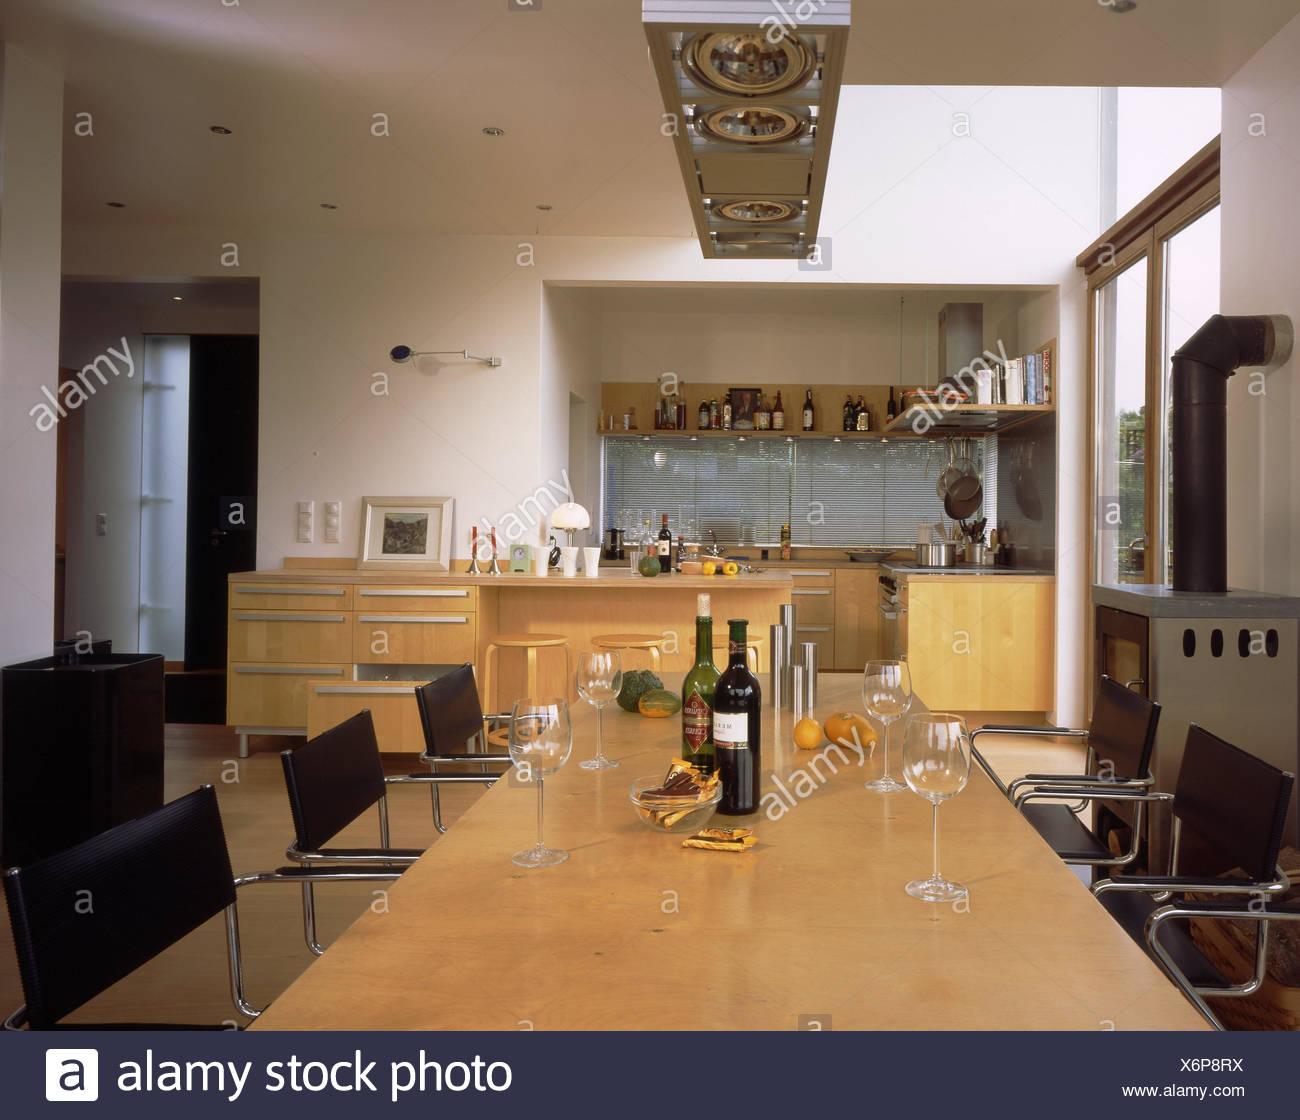 Amenagement De Salle A Manger maison d'habitation, cuisine-salle à manger, cuisine